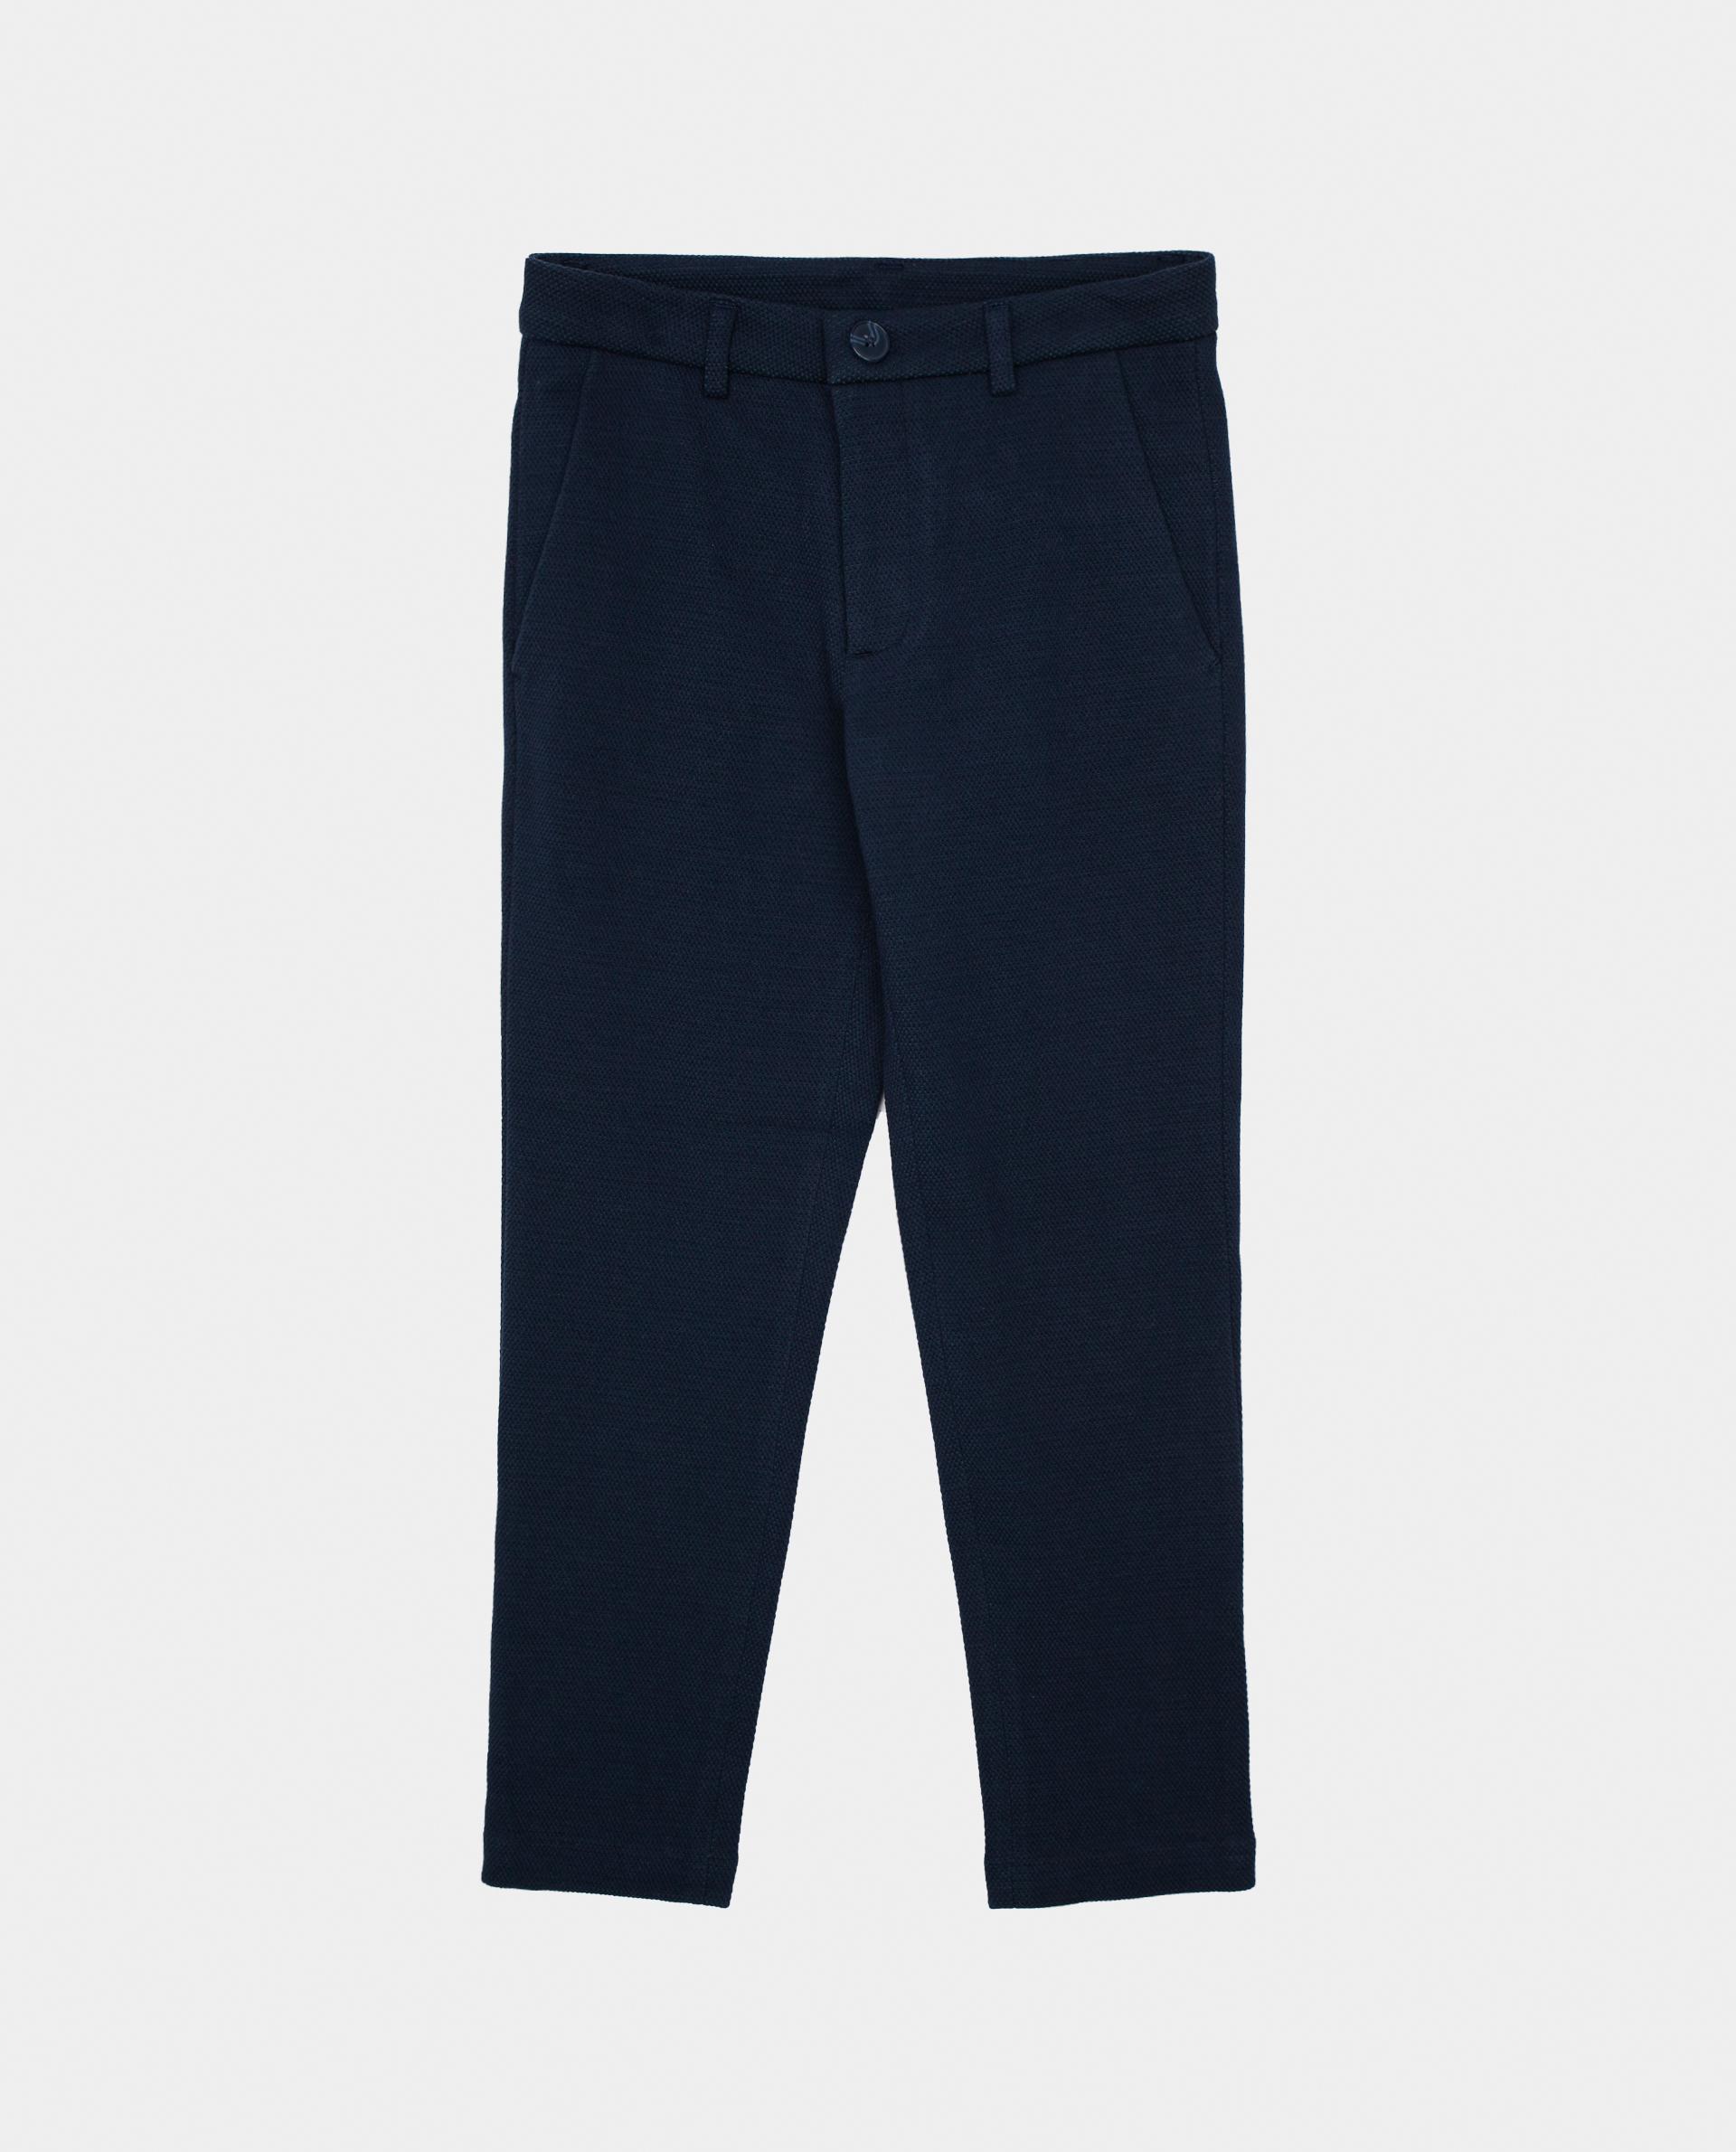 Купить 22011BJC5604, Синие брюки Gulliver, синий, 134, Вискоза, Мужской, Демисезон, ОСЕНЬ/ЗИМА 2020-2021 (shop: GulliverMarket Gulliver Market)